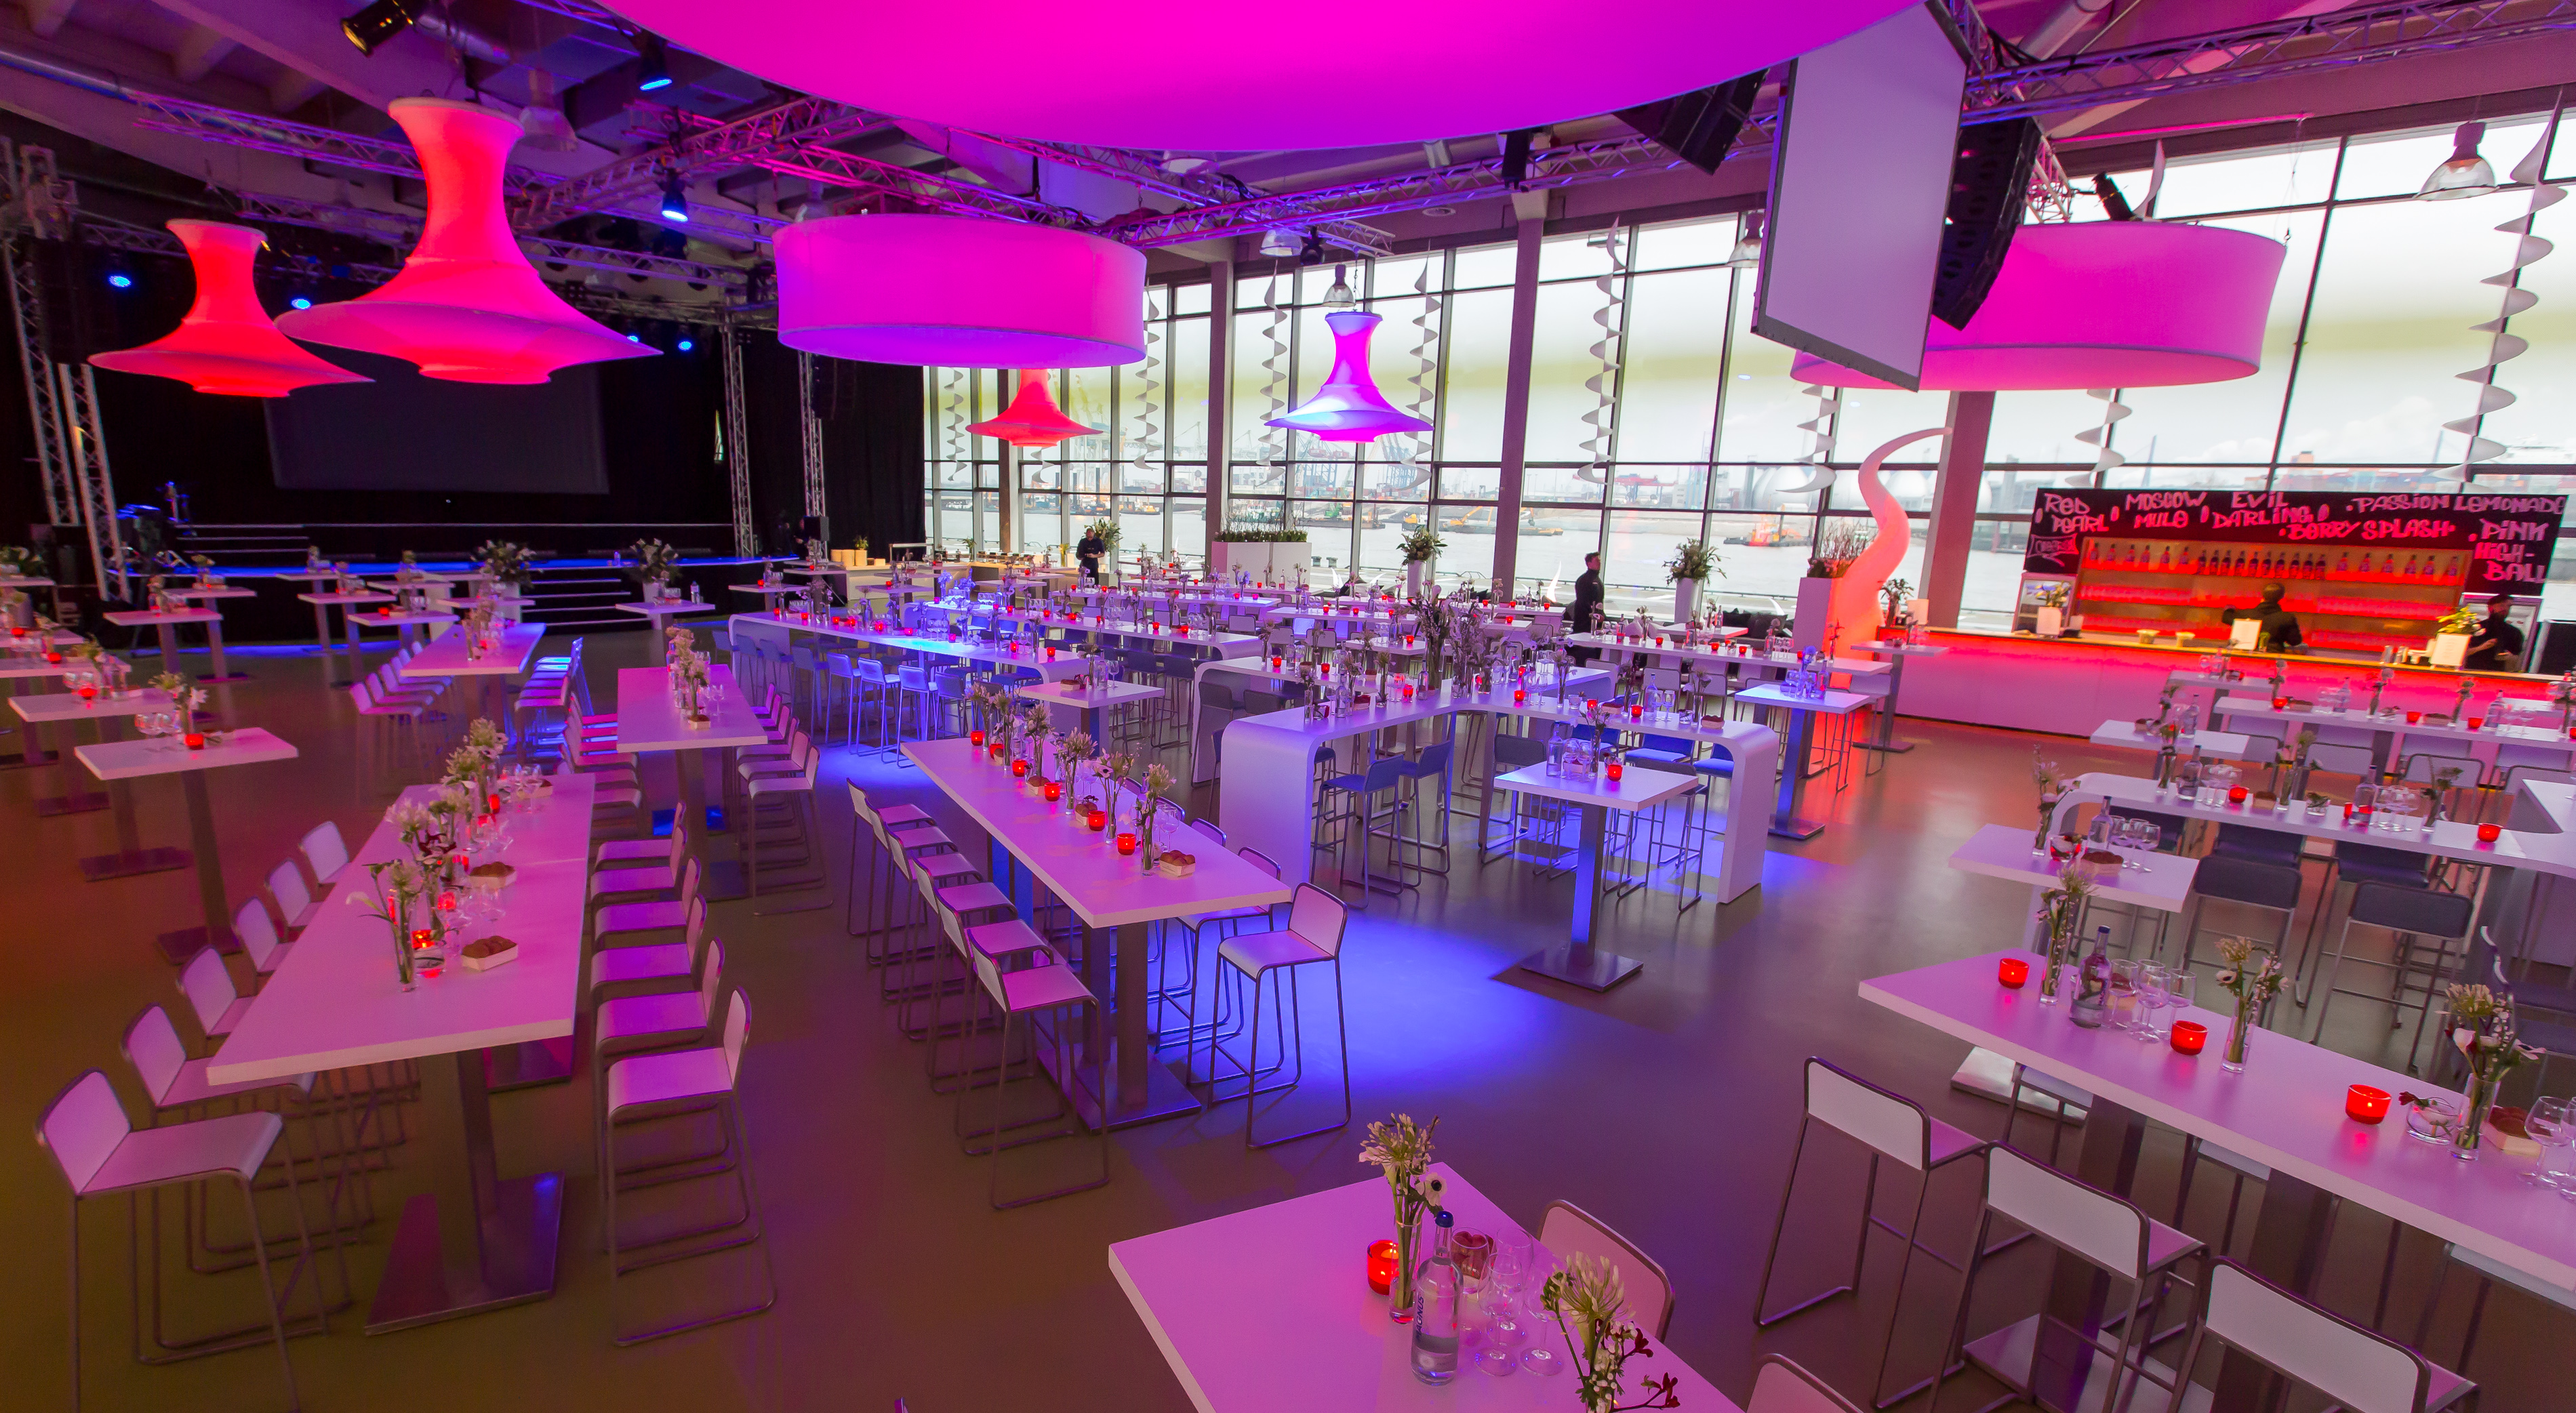 Hallendekoration: Stimmungsvolle LED Leuchtobjekte Disk3D und Bangkok-Säulen, leichte Curls (Wellen)